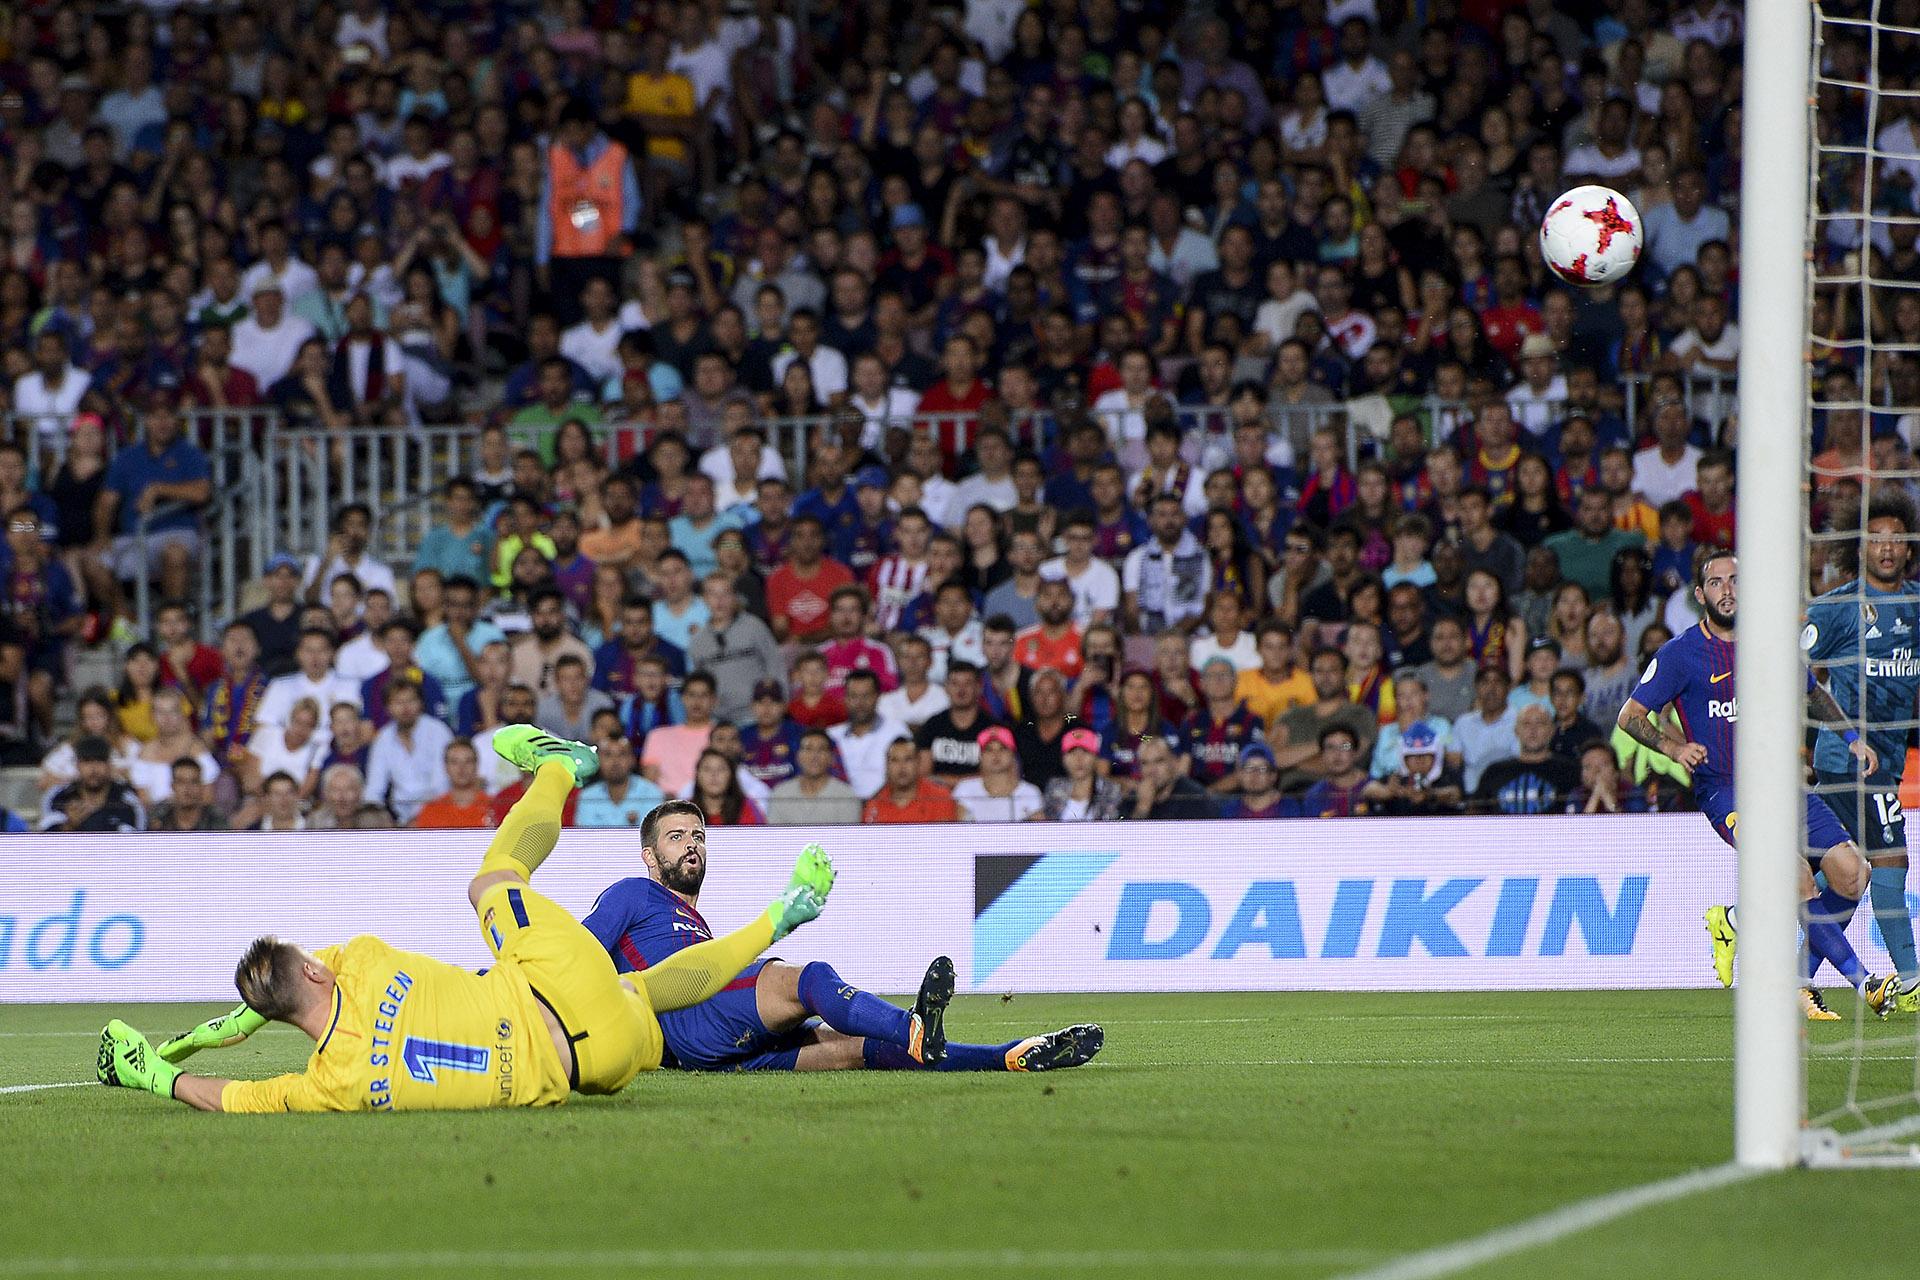 Gerard Piqué desvió un centro y estampó el 1 a 0 en propia cuenta